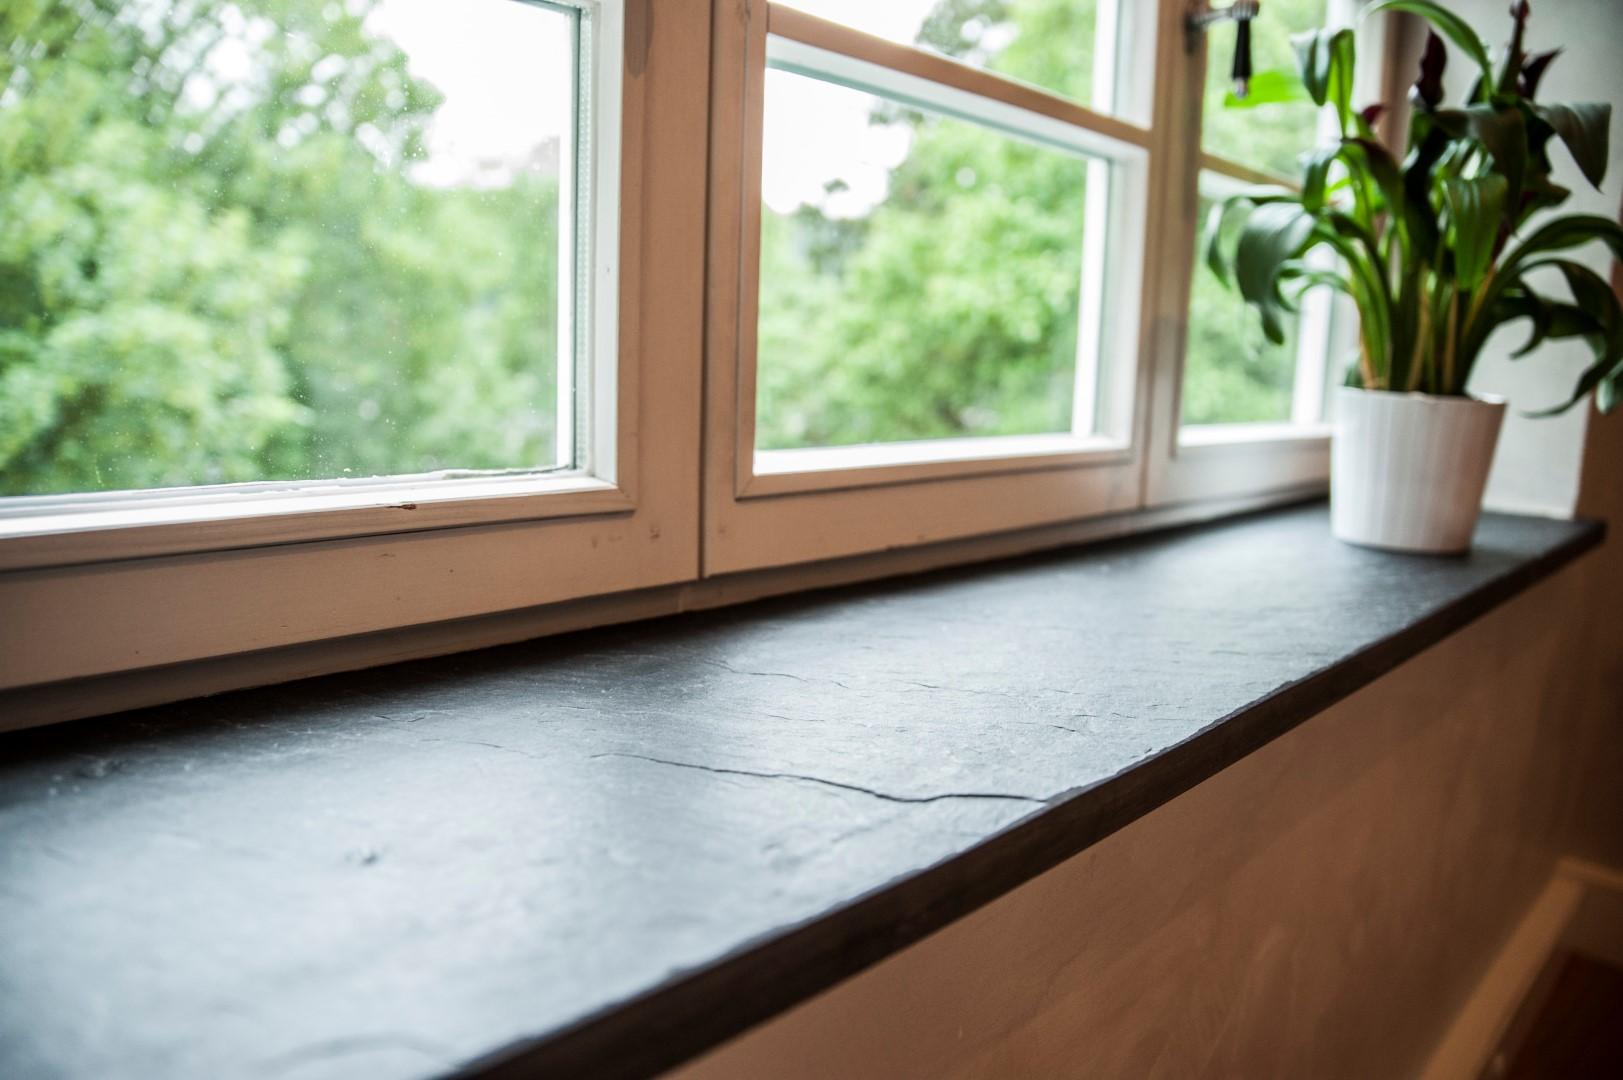 Fensterb nke j b naturstein und schiefer kaufen - Fensterbank innen ...